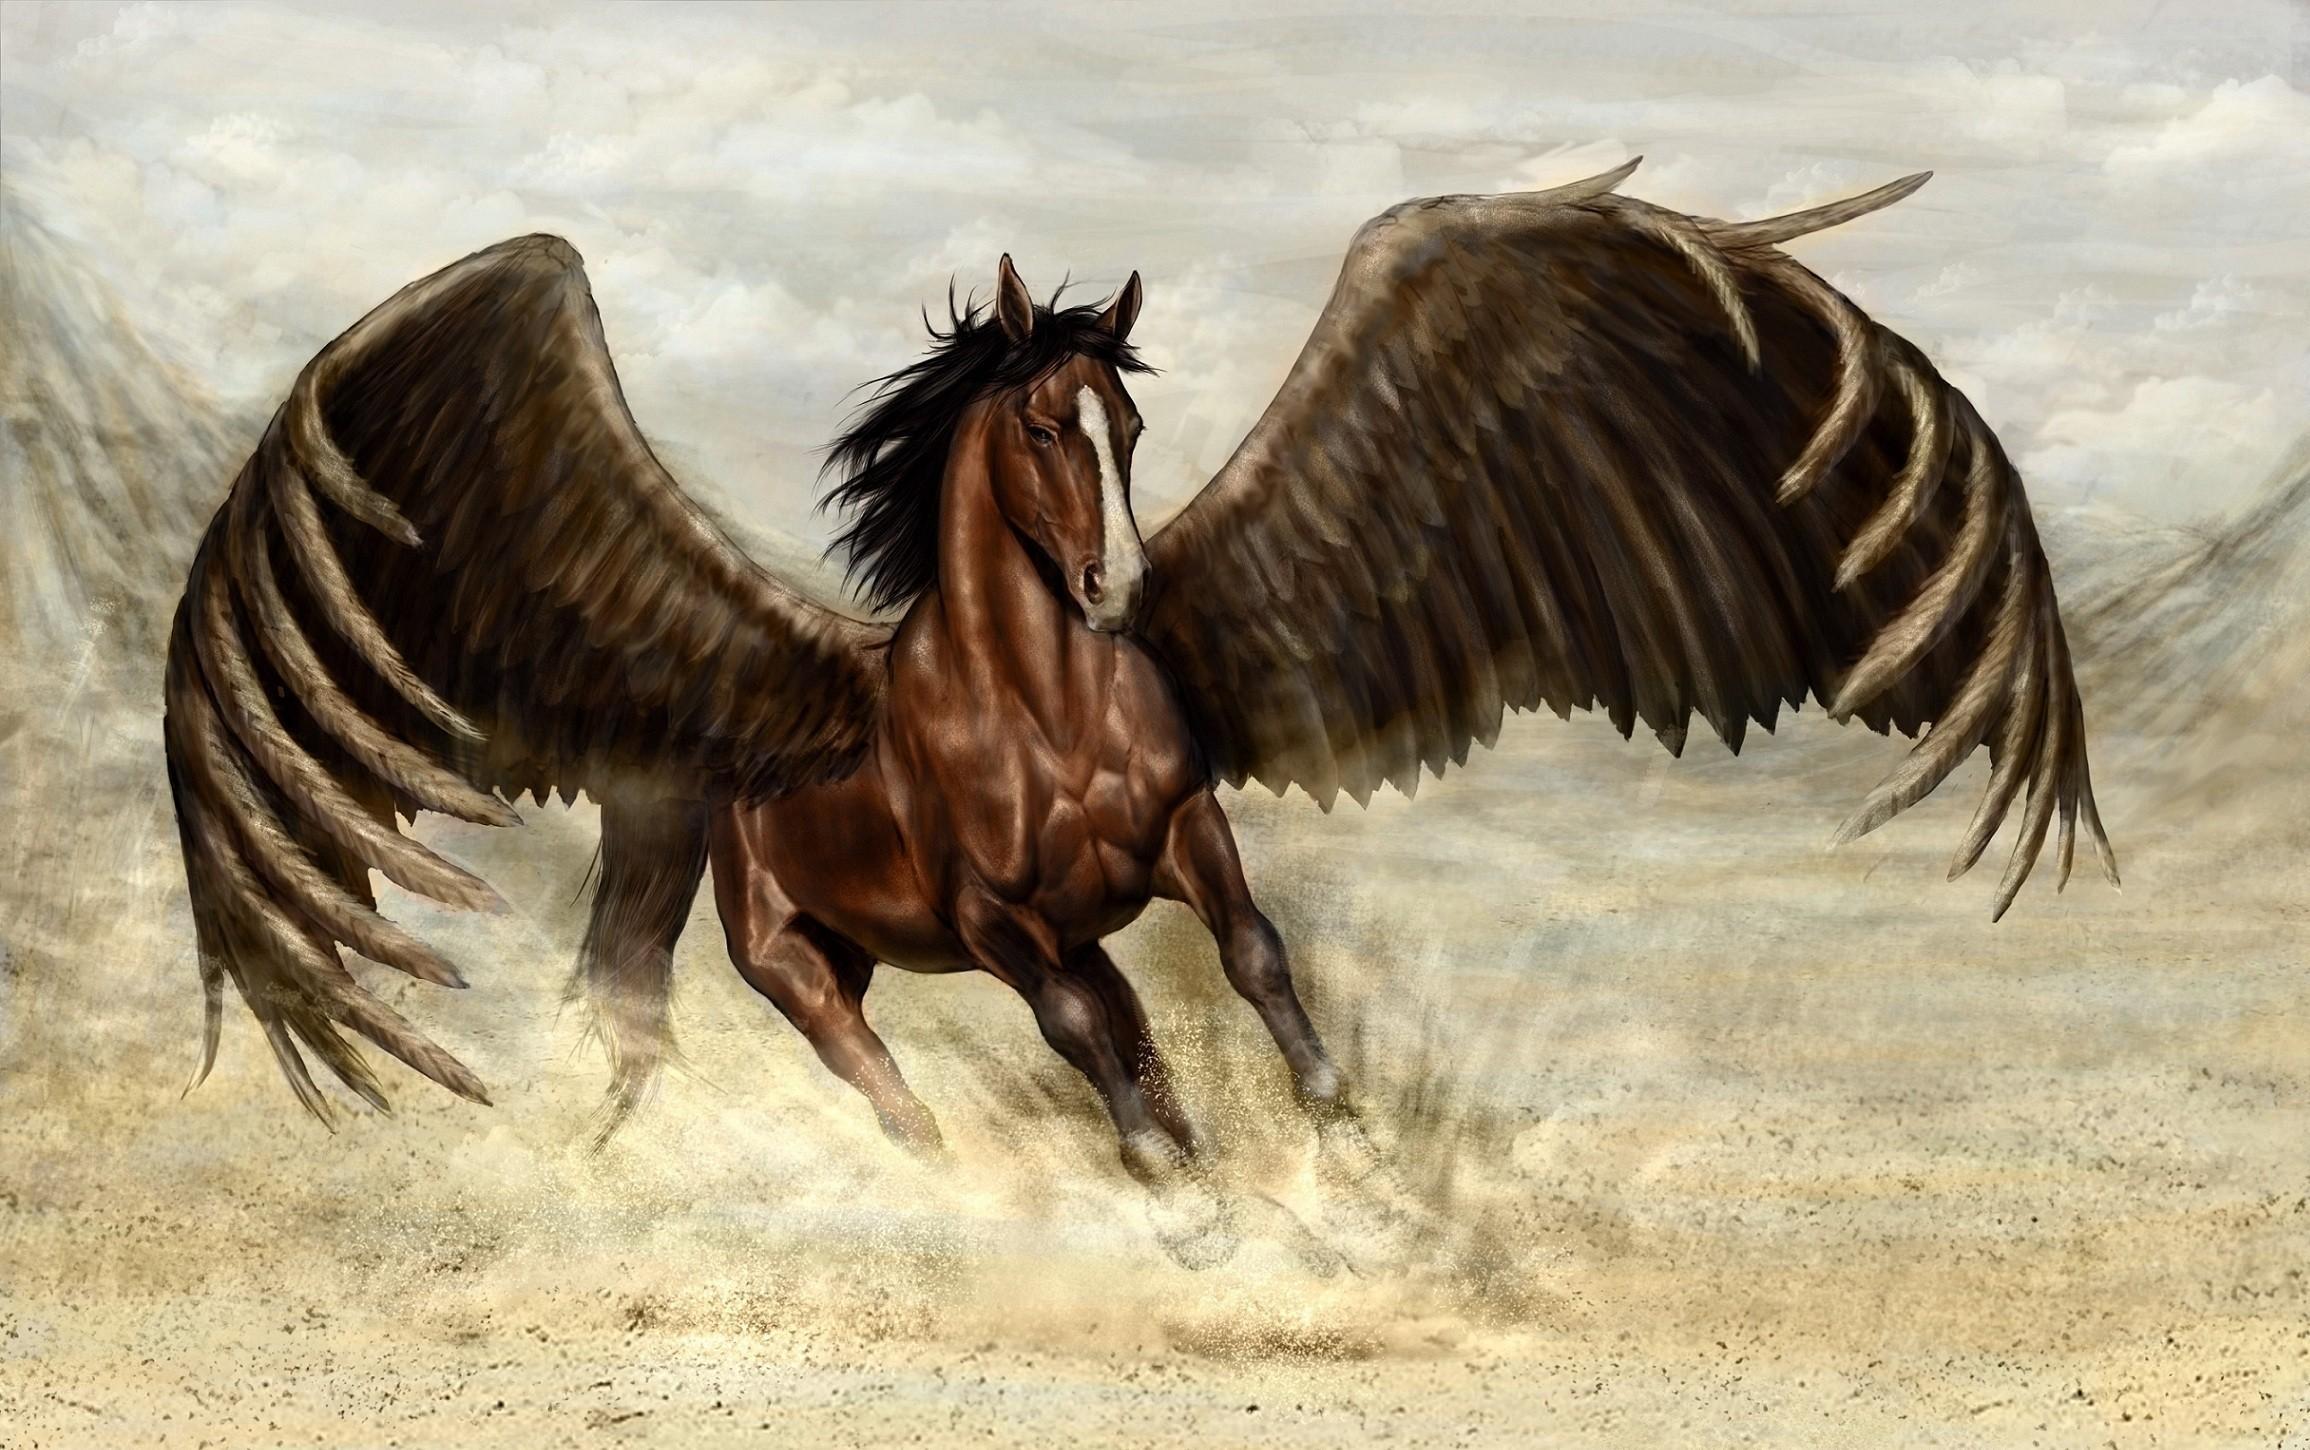 55597 скачать обои Пегас, Фэнтези, Лошадь, Песок, Крылья - заставки и картинки бесплатно